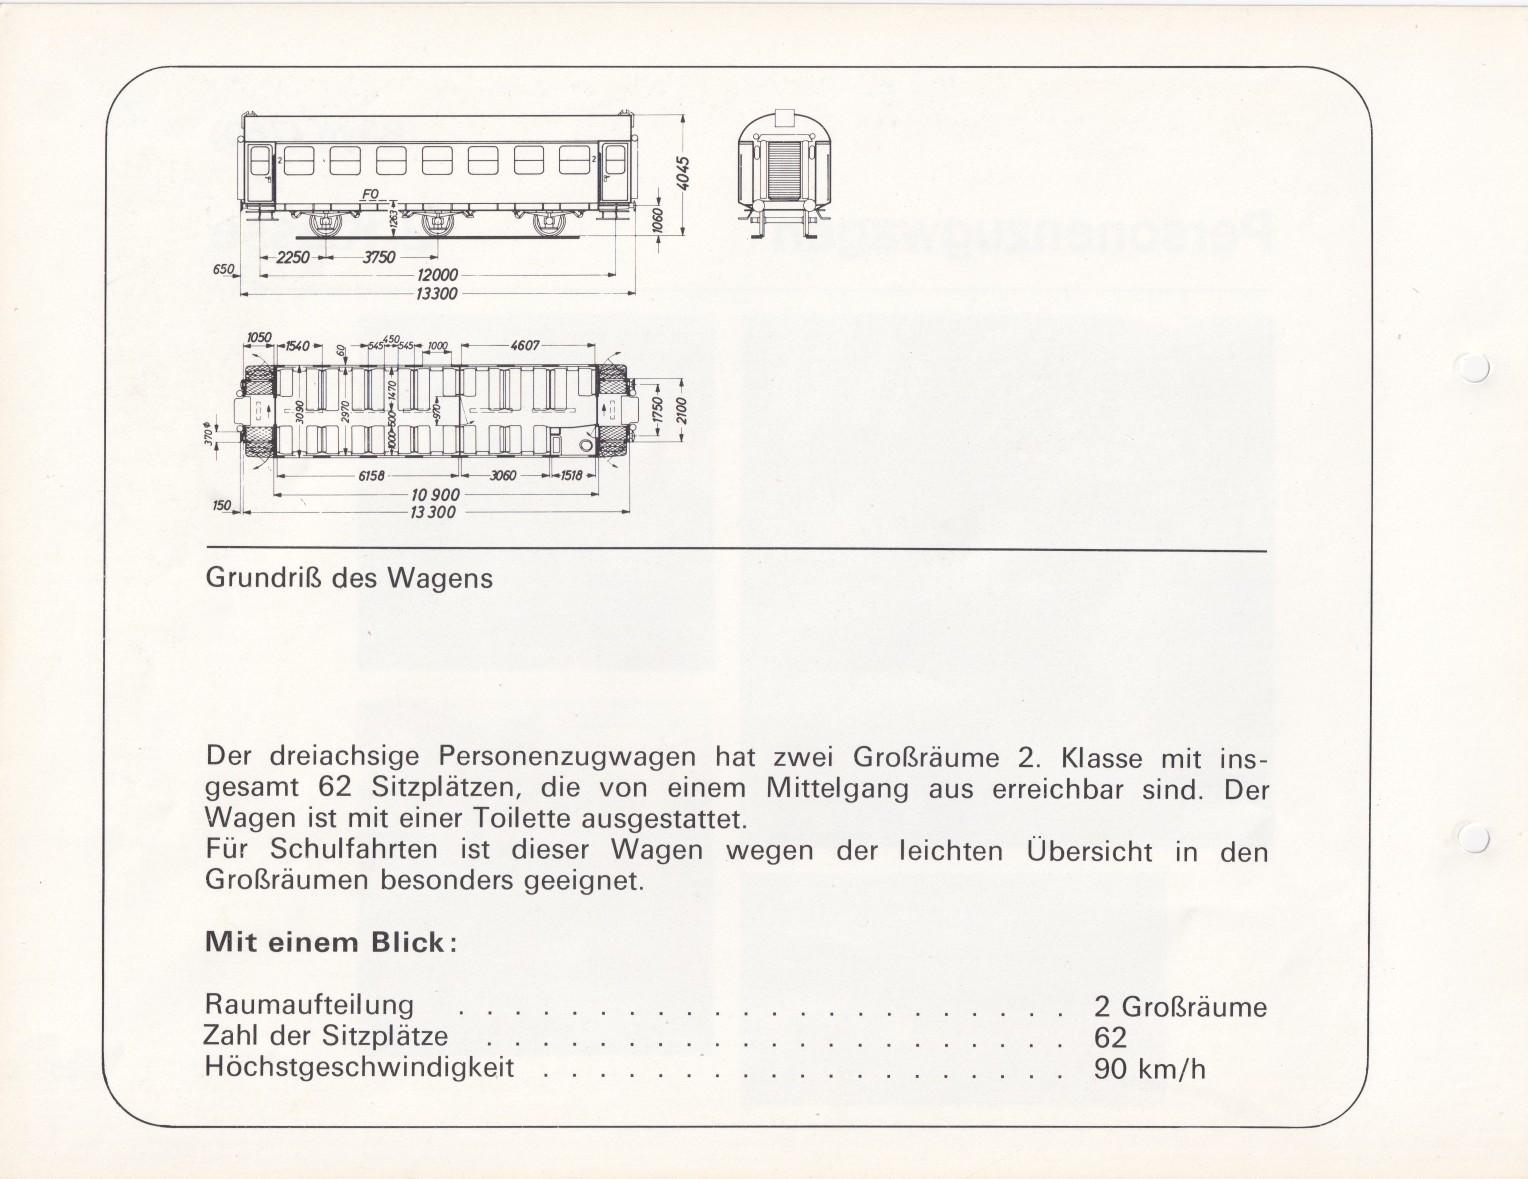 https://www.nullclub.de/hifo/Fahrzeuglexikon/Wagen26b.jpg